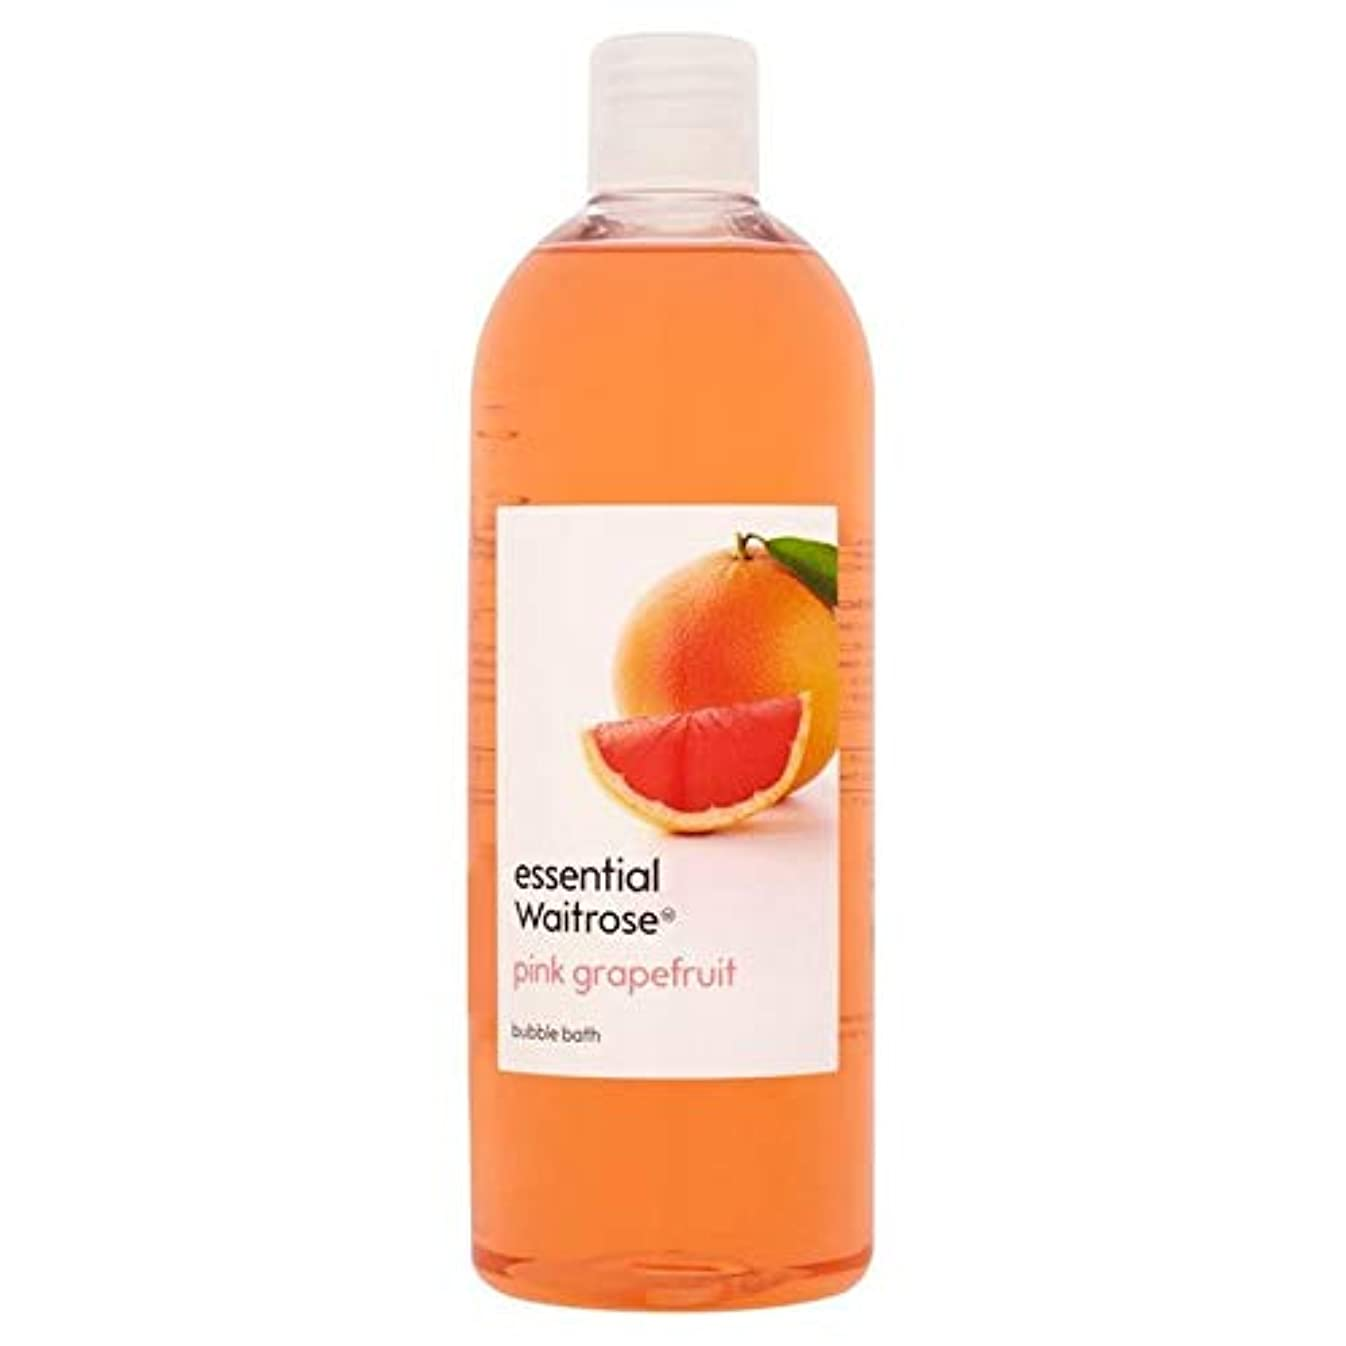 活性化ペパーミント印象[Waitrose ] 基本的なウェイトローズの泡風呂ピンクグレープフルーツ750ミリリットル - Essential Waitrose Bubble Bath Pink Grapefruit 750ml [並行輸入品]